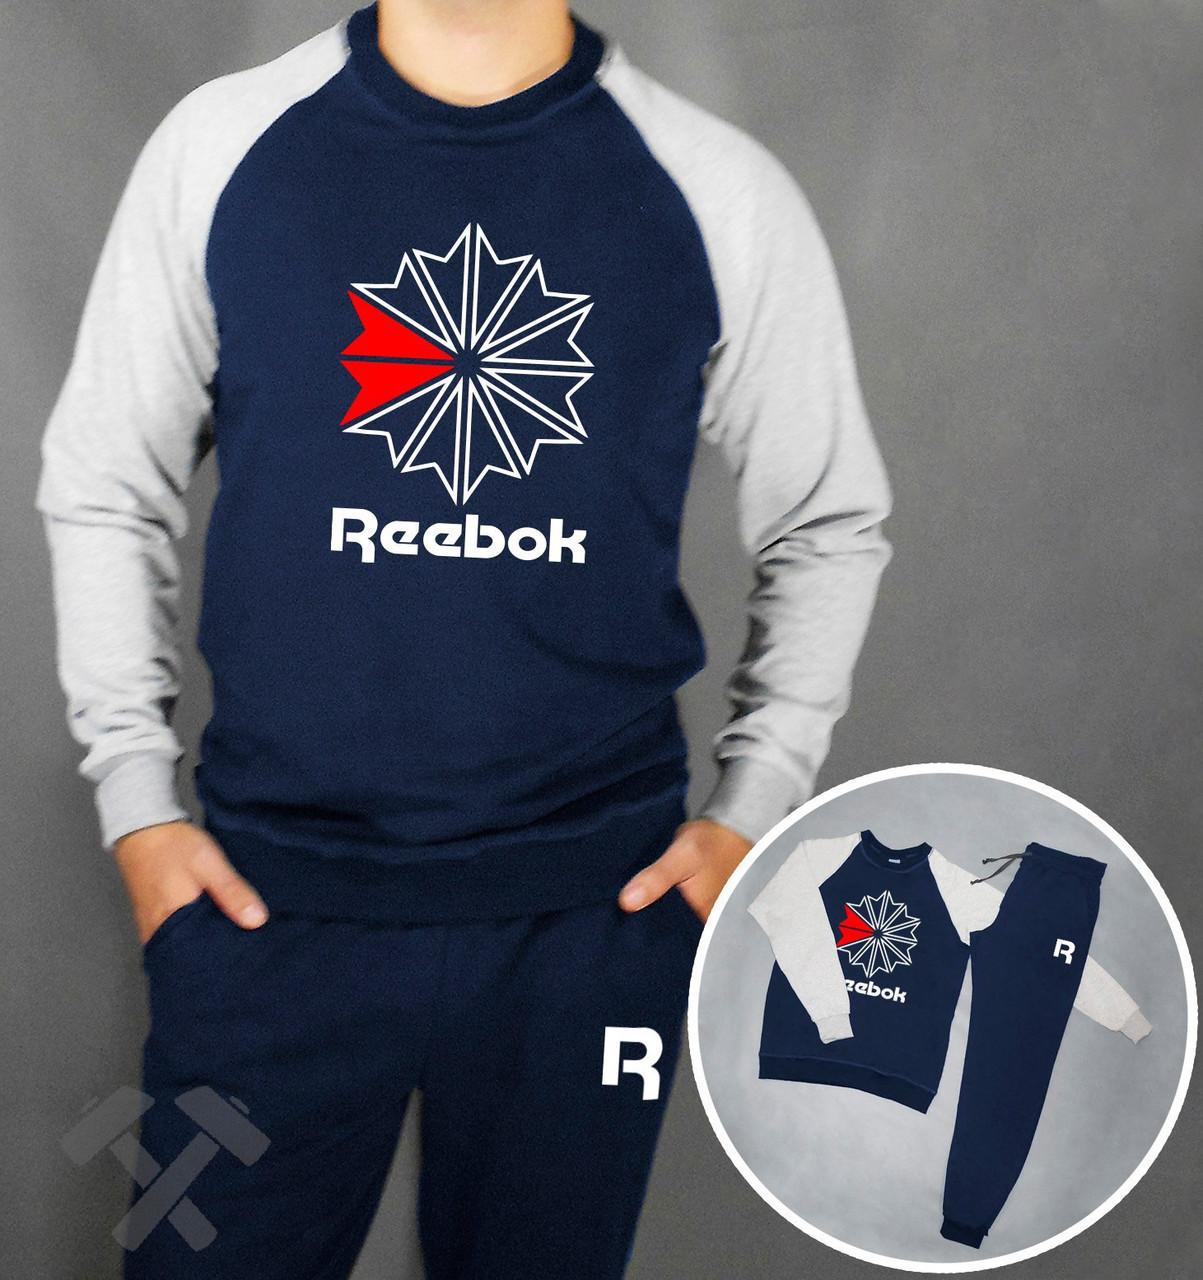 Спортивний костюм Рібок, чоловічий костюм Reebok синій, трикотажний